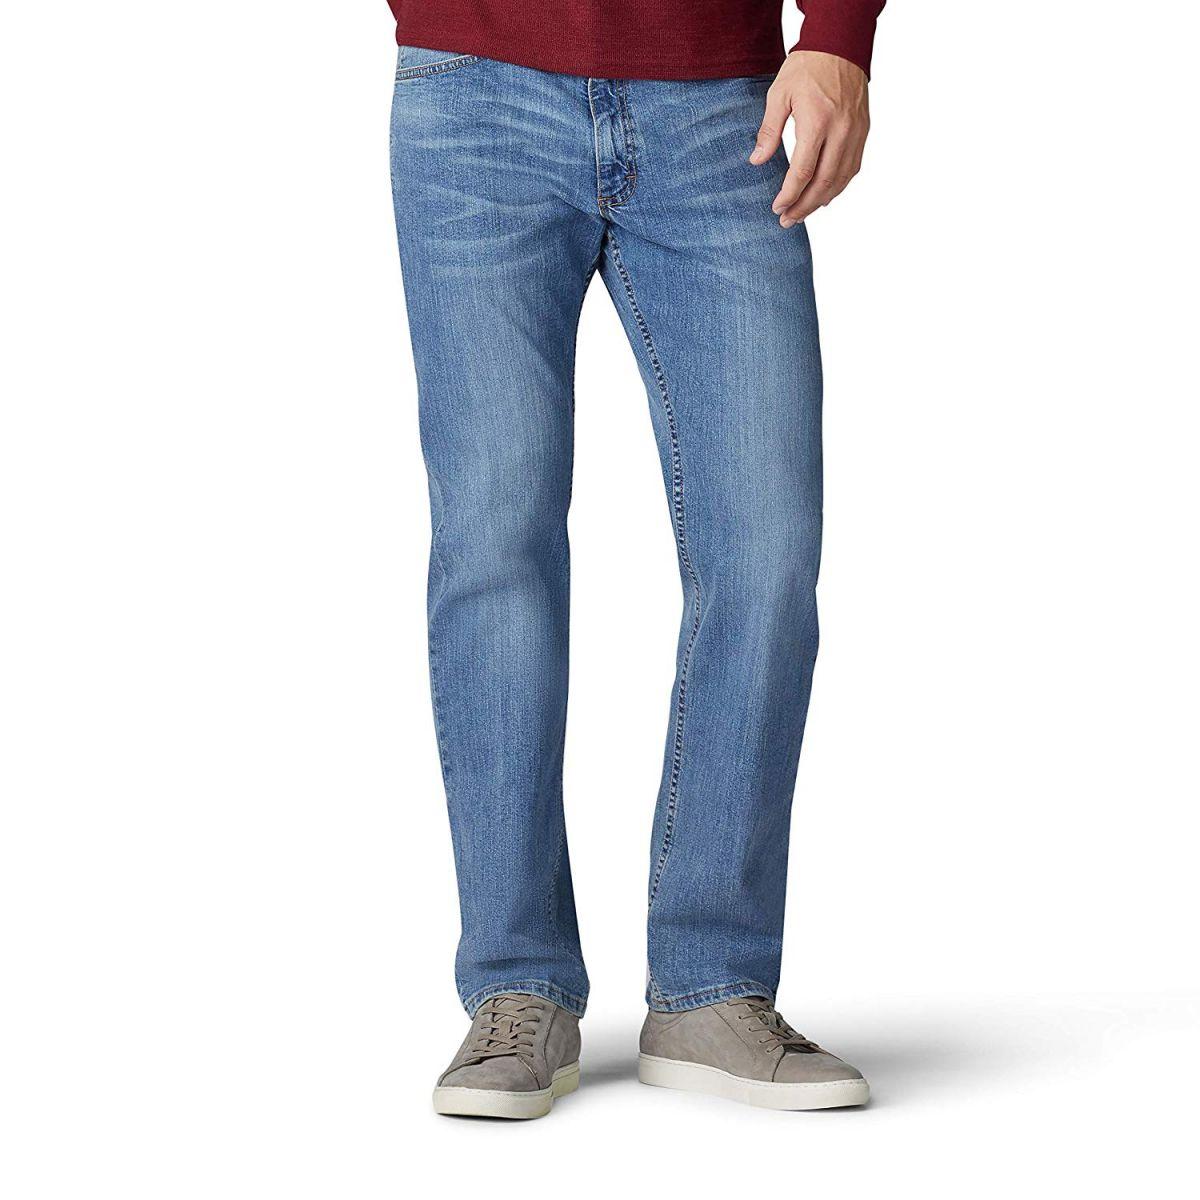 Top shop bán quần jean cho nam đẹp trên phố Trương Định - Hà Nội